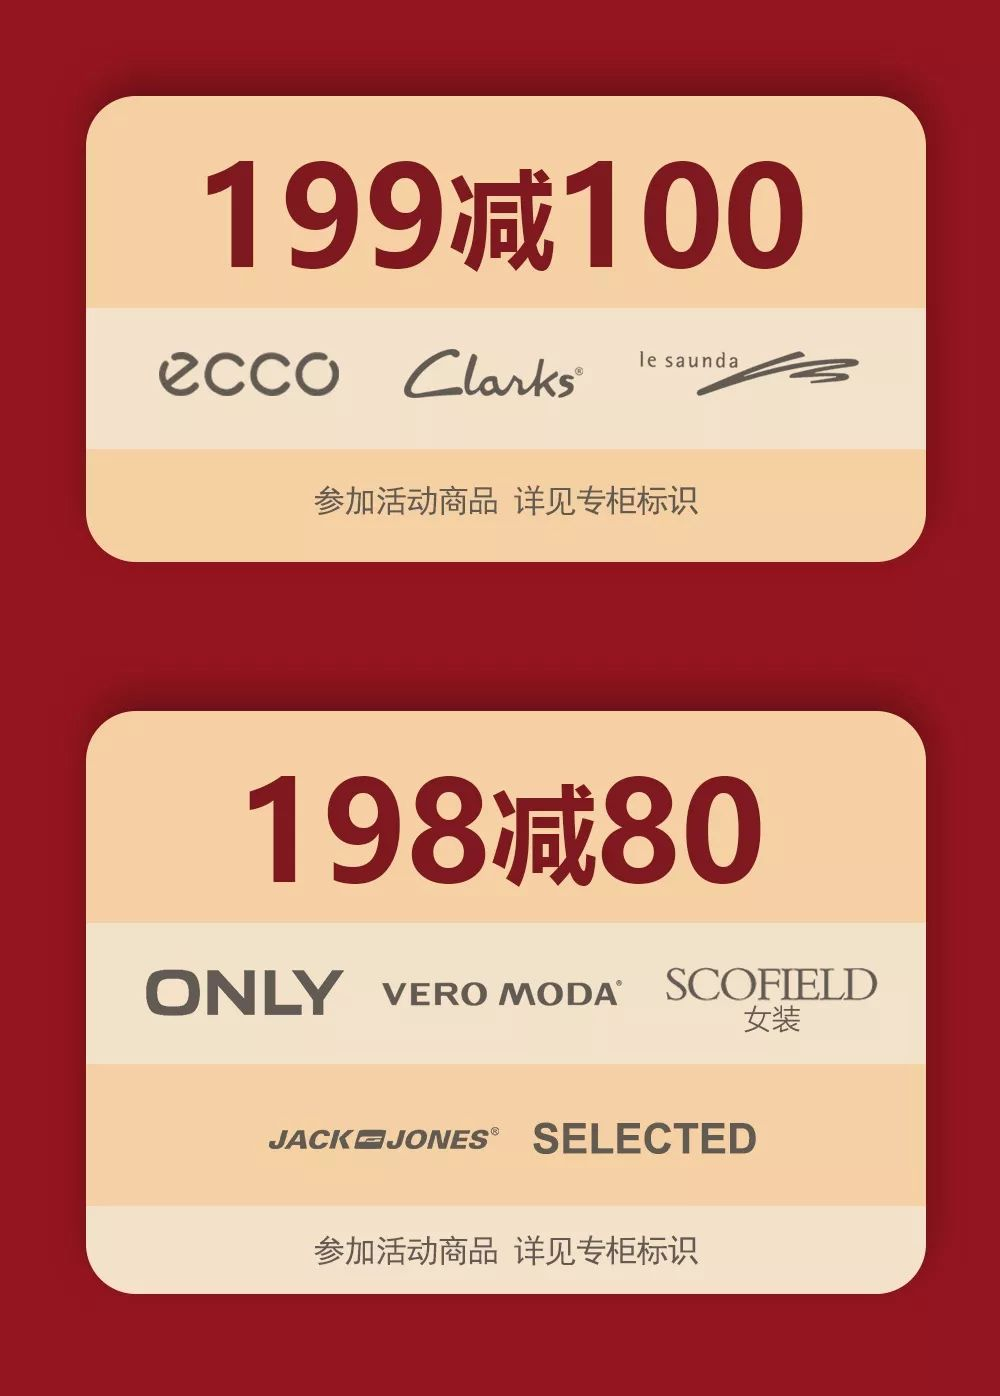 上海置地广场国庆折扣 化妆品满300减60小家电6.8折